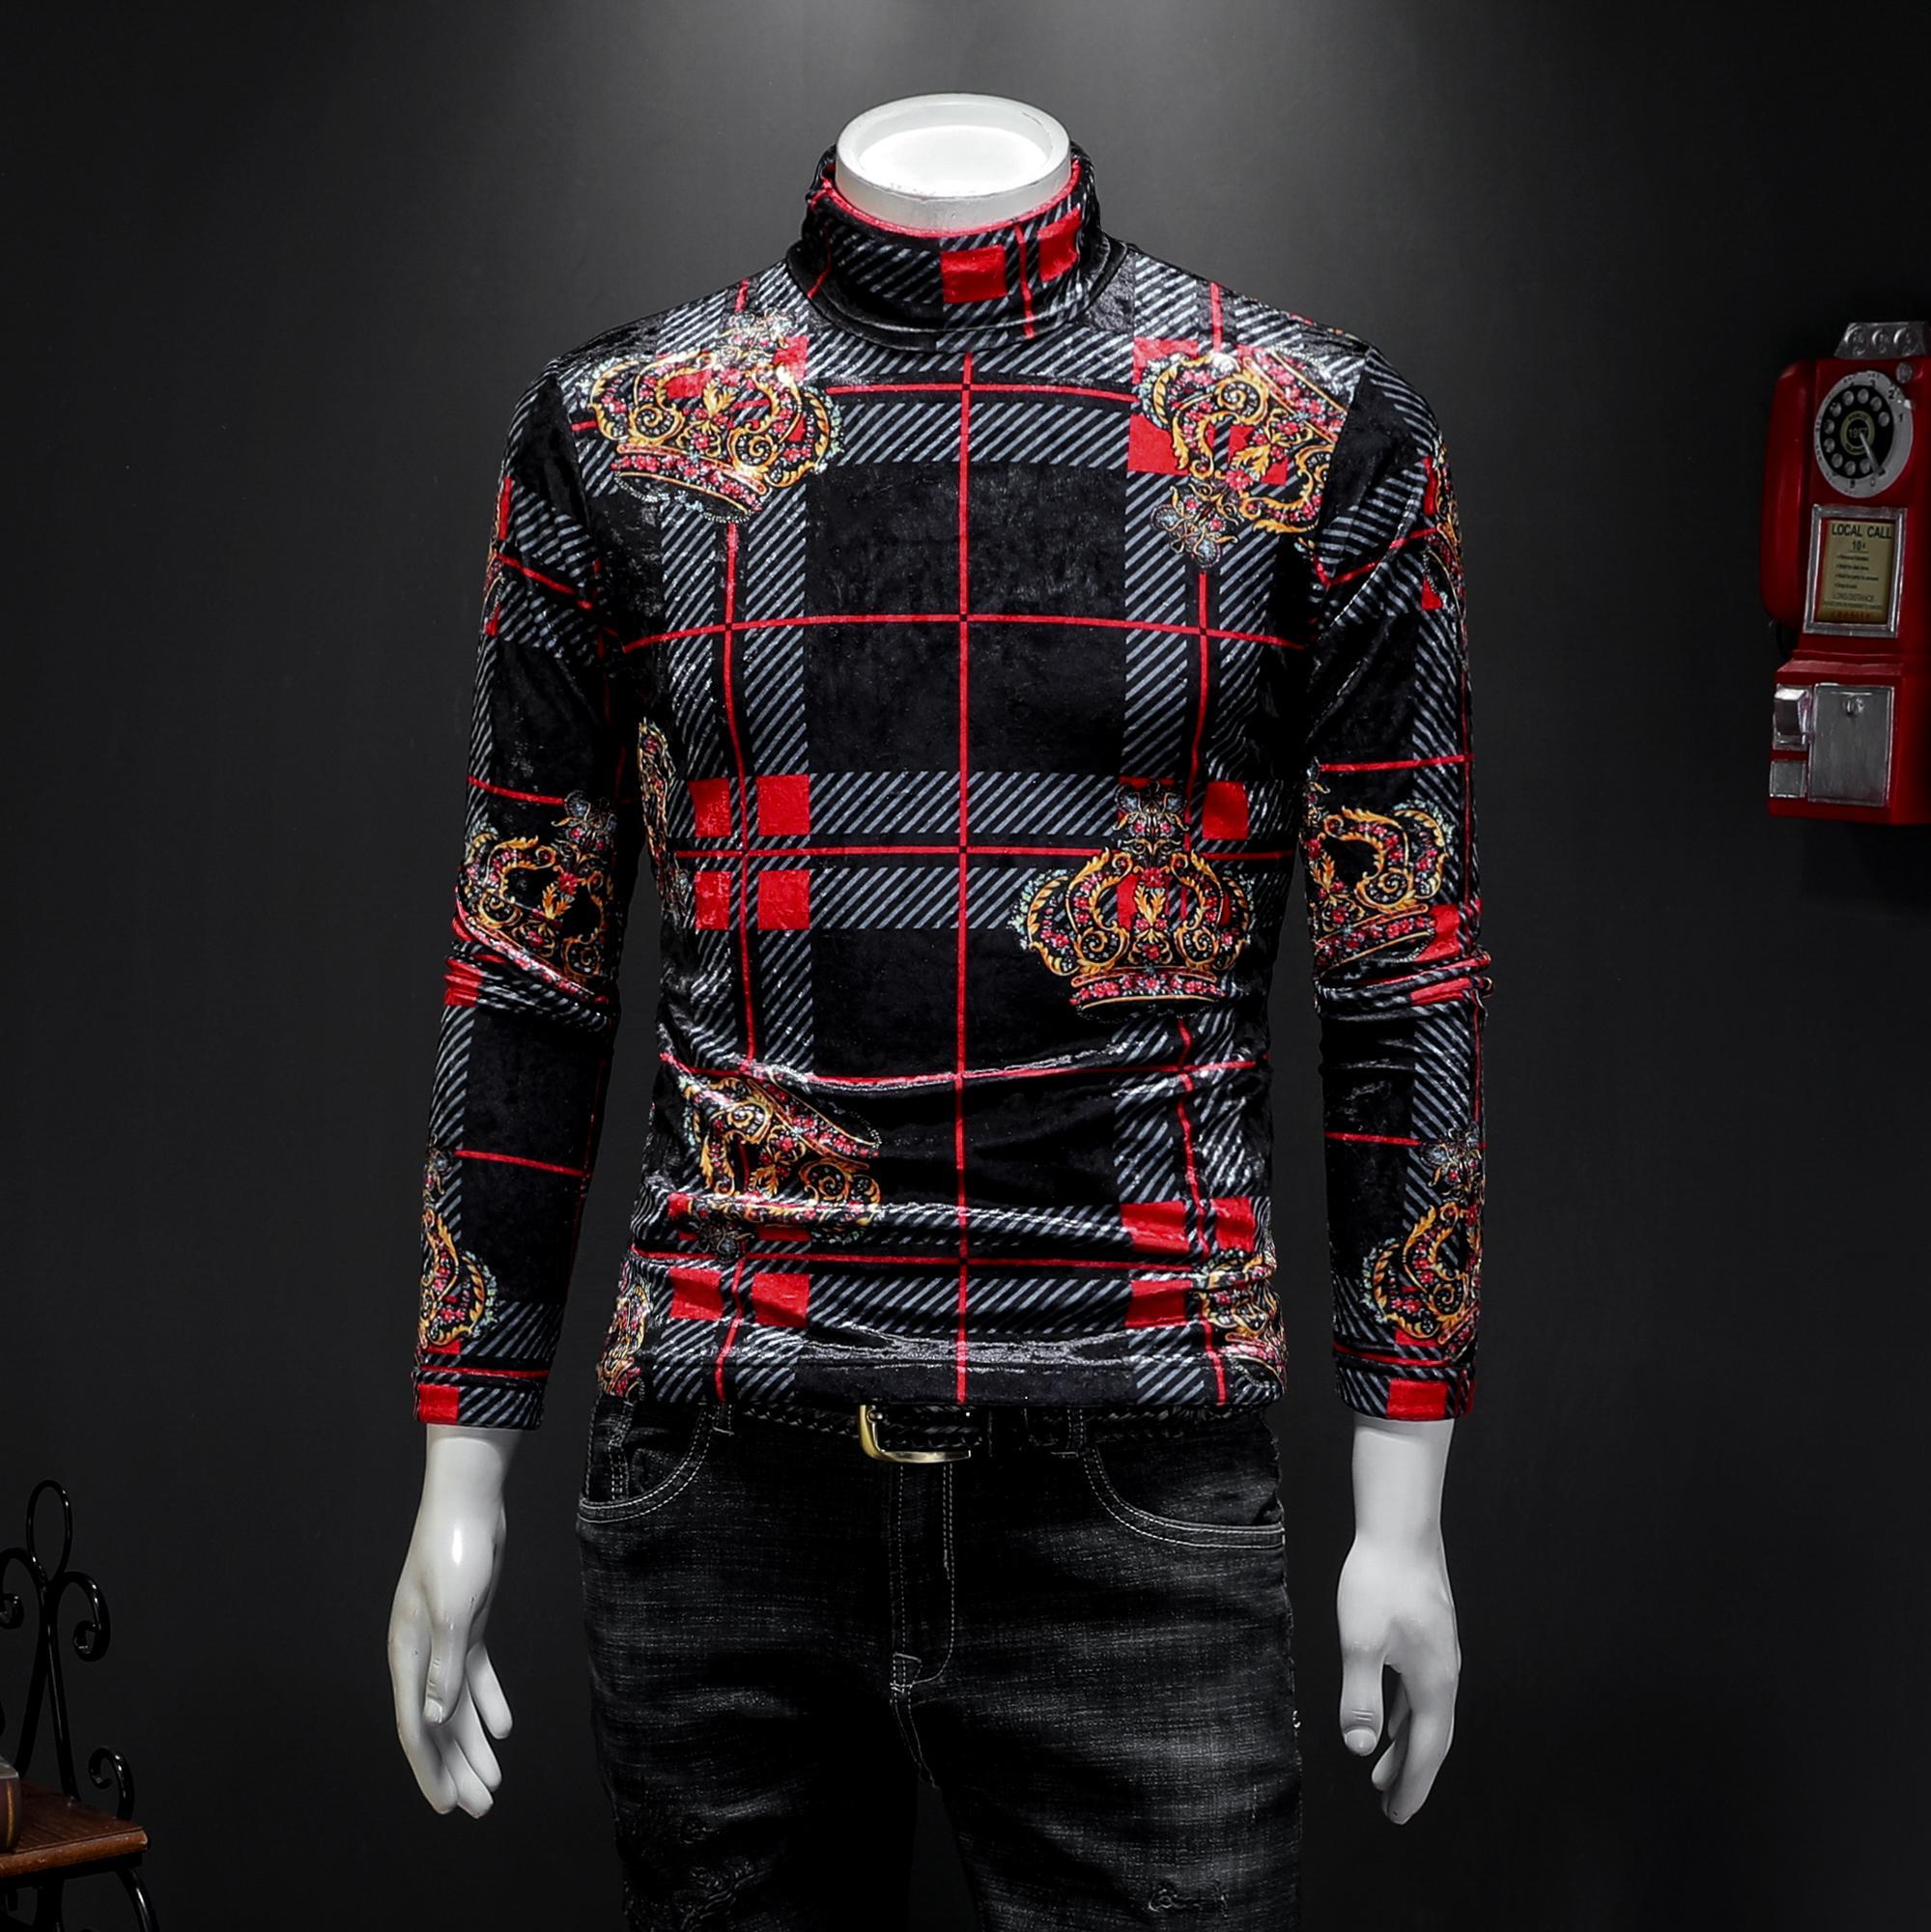 Мужская плюс Размер Плюс бархат толстые с длинными рукавами тенденция футболка 2019 новый свободный эластичный корейский бархат высокий воротник клетчатая рубашка